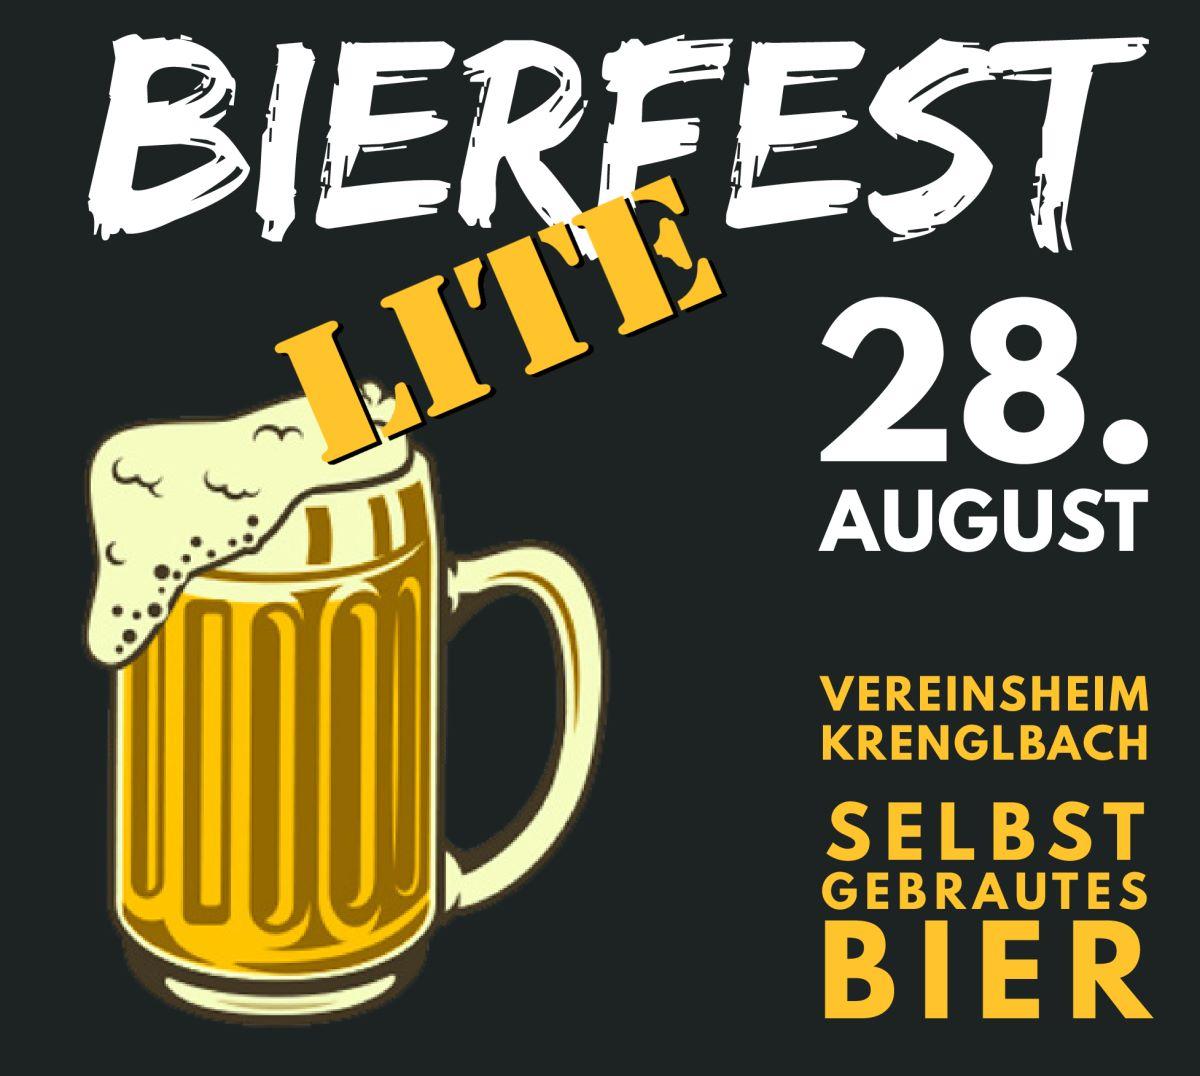 Krenglbacher Bierfest 2021